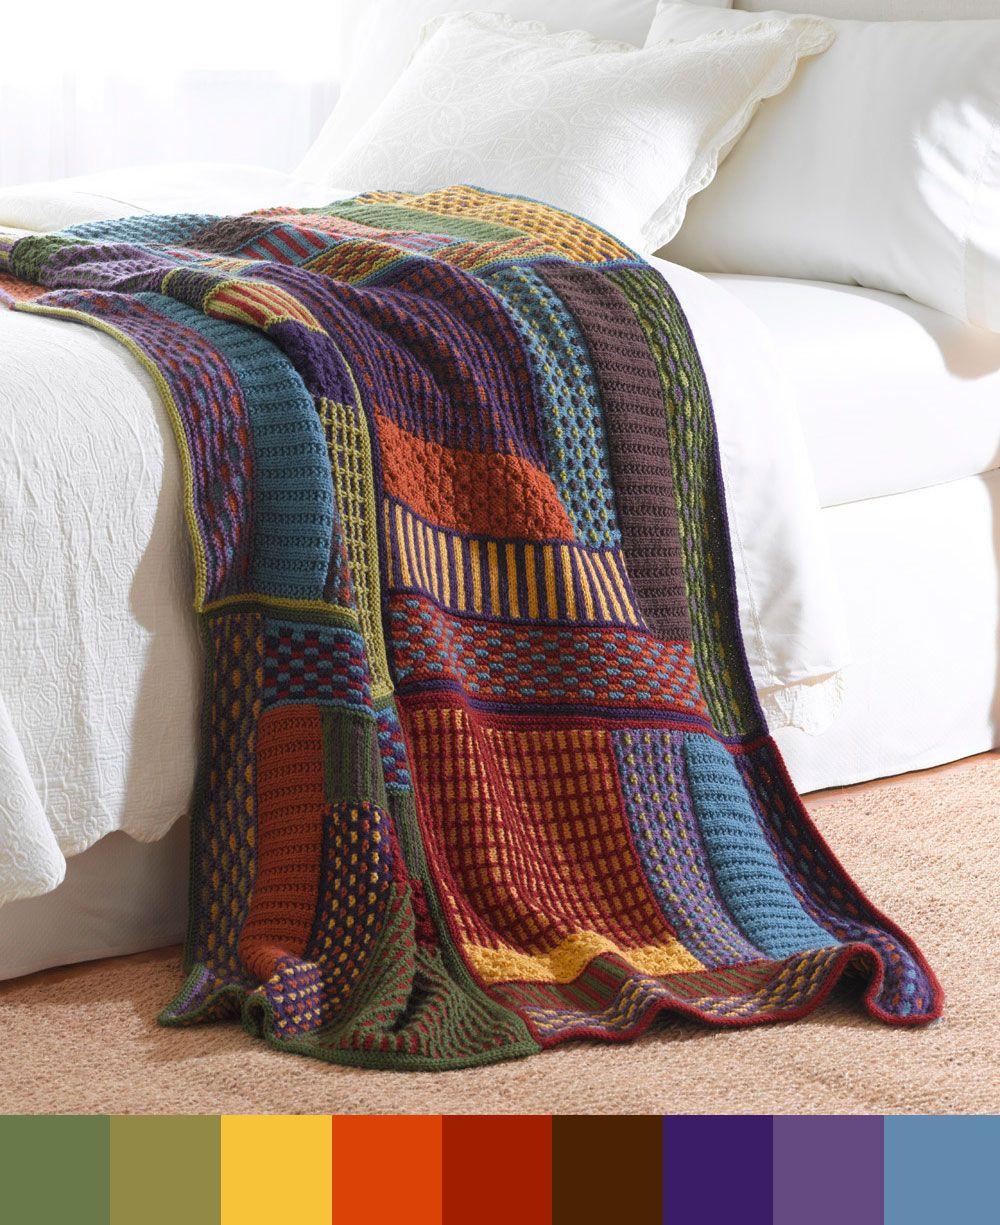 slip stitch sampler throw with color palette deko ideen n tzliches pinterest stricken. Black Bedroom Furniture Sets. Home Design Ideas